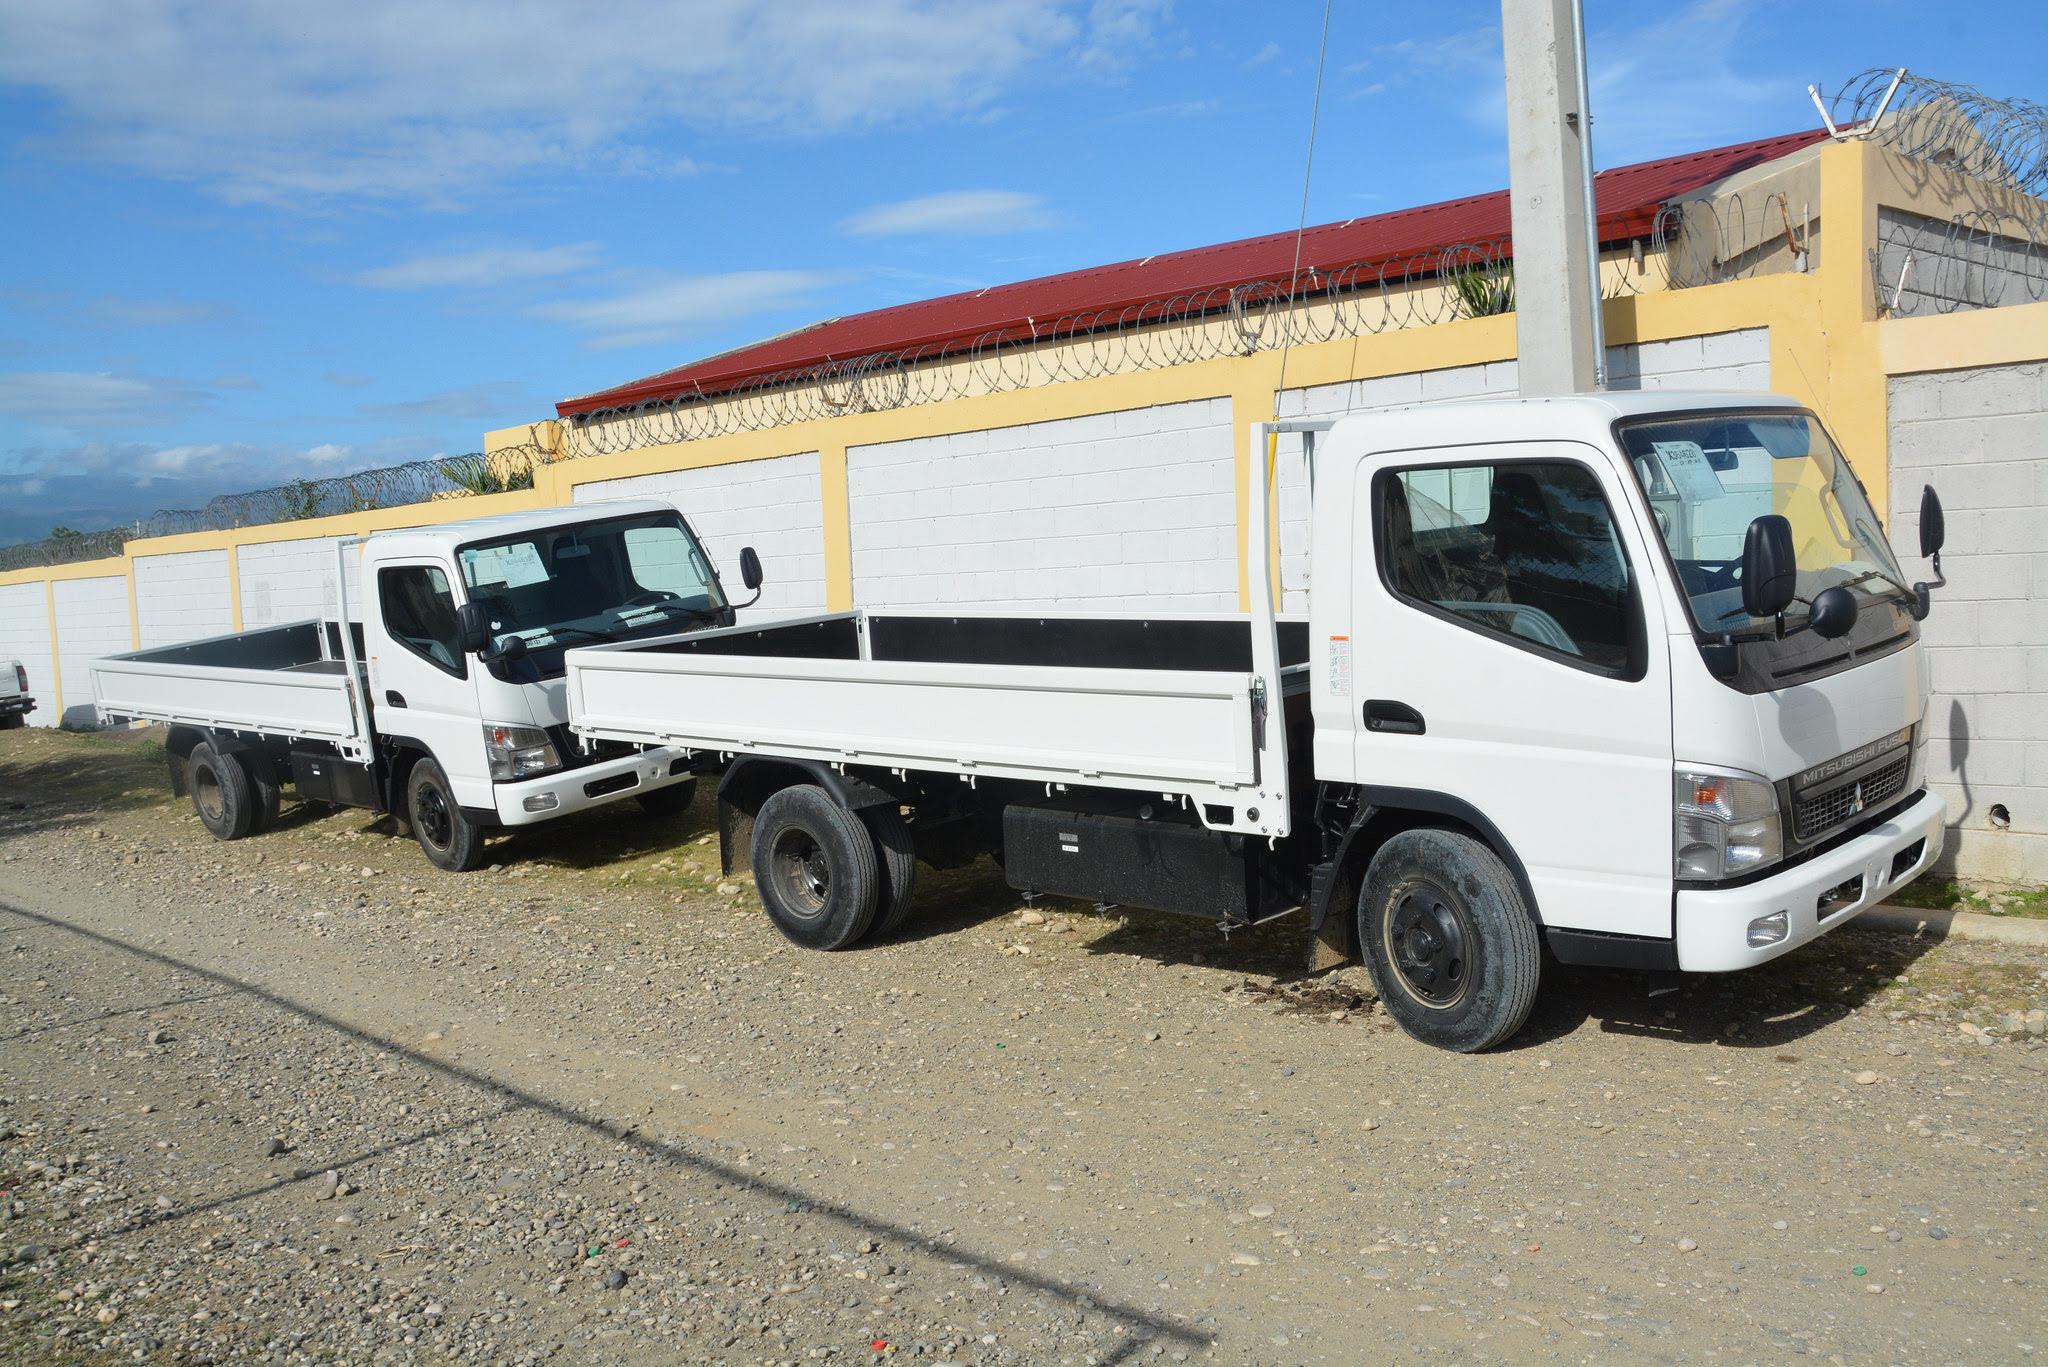 , Productores de Elías Piña reciben dos camiones prometidos por Danilo Medina en Visitas Sorpresa